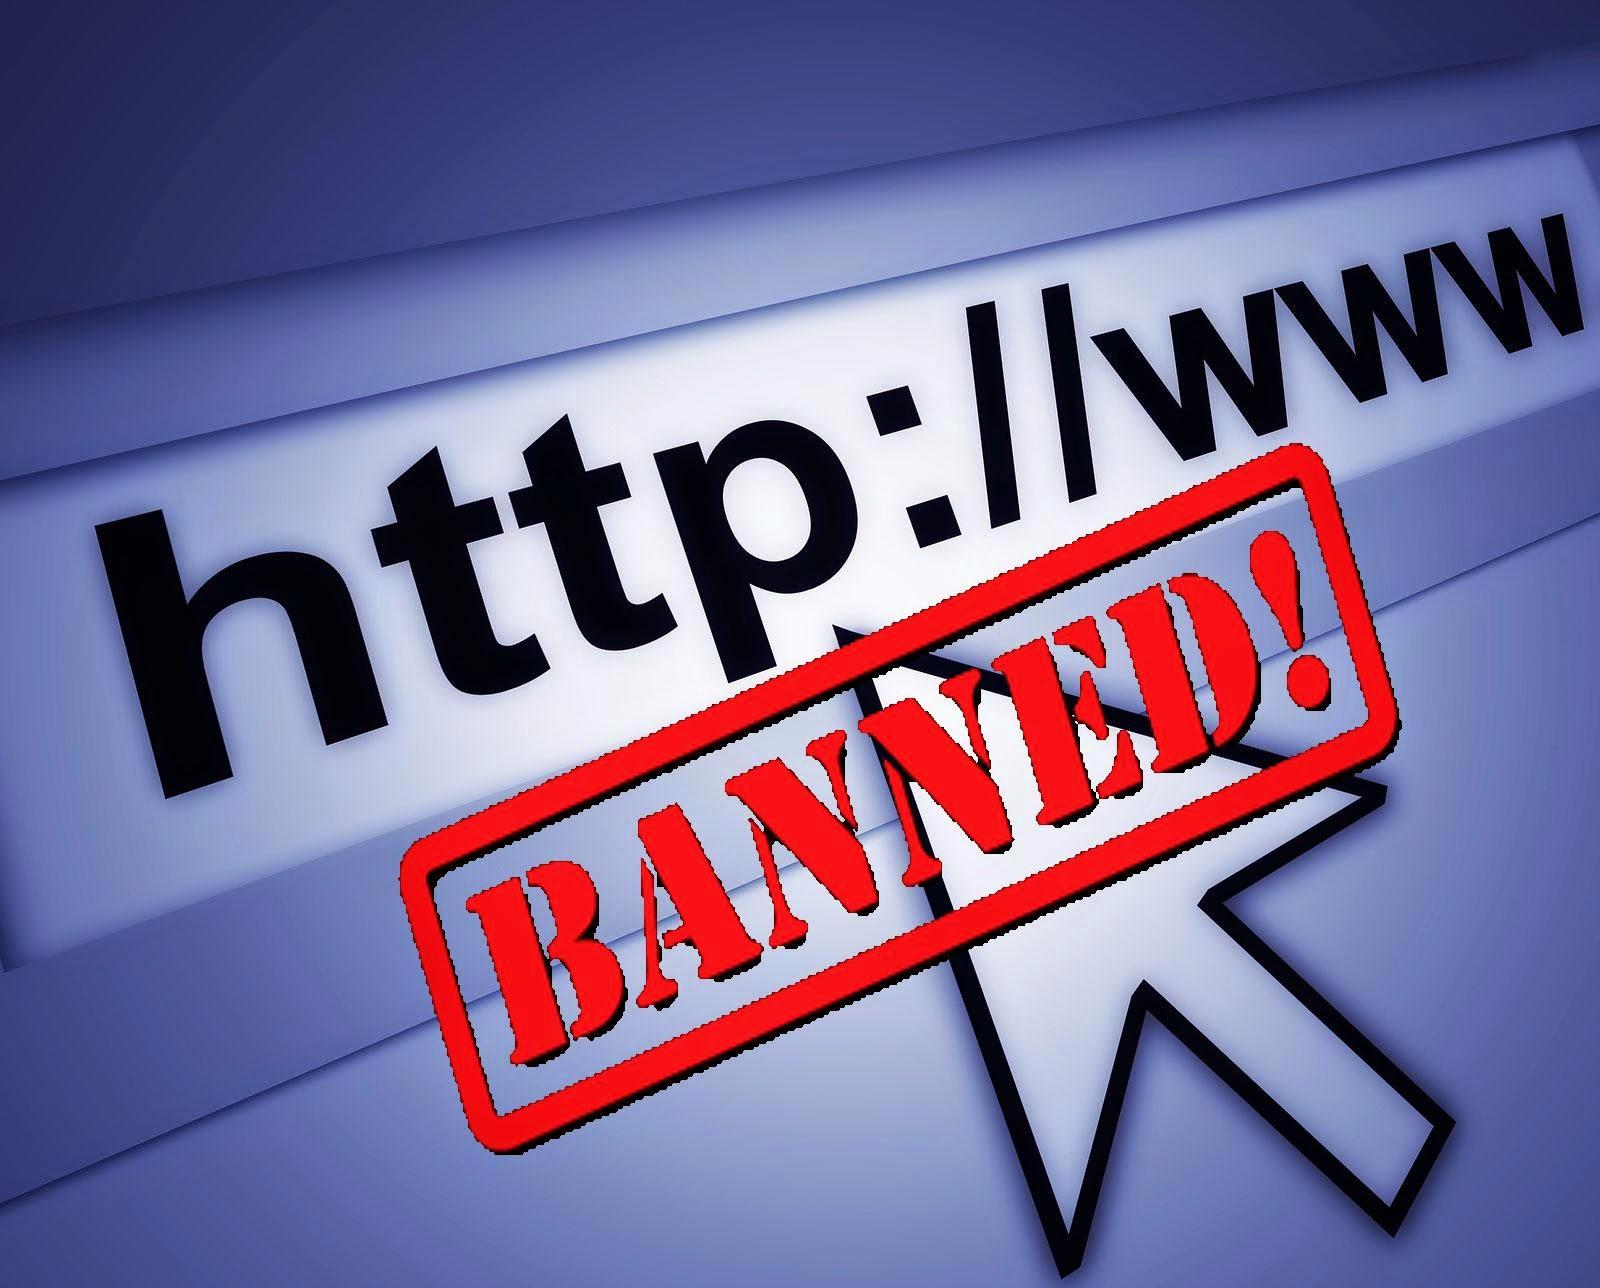 شرح كيفية حظر تصفح عدد من المواقع بسهولة من خلال الواتر Ban sites through router